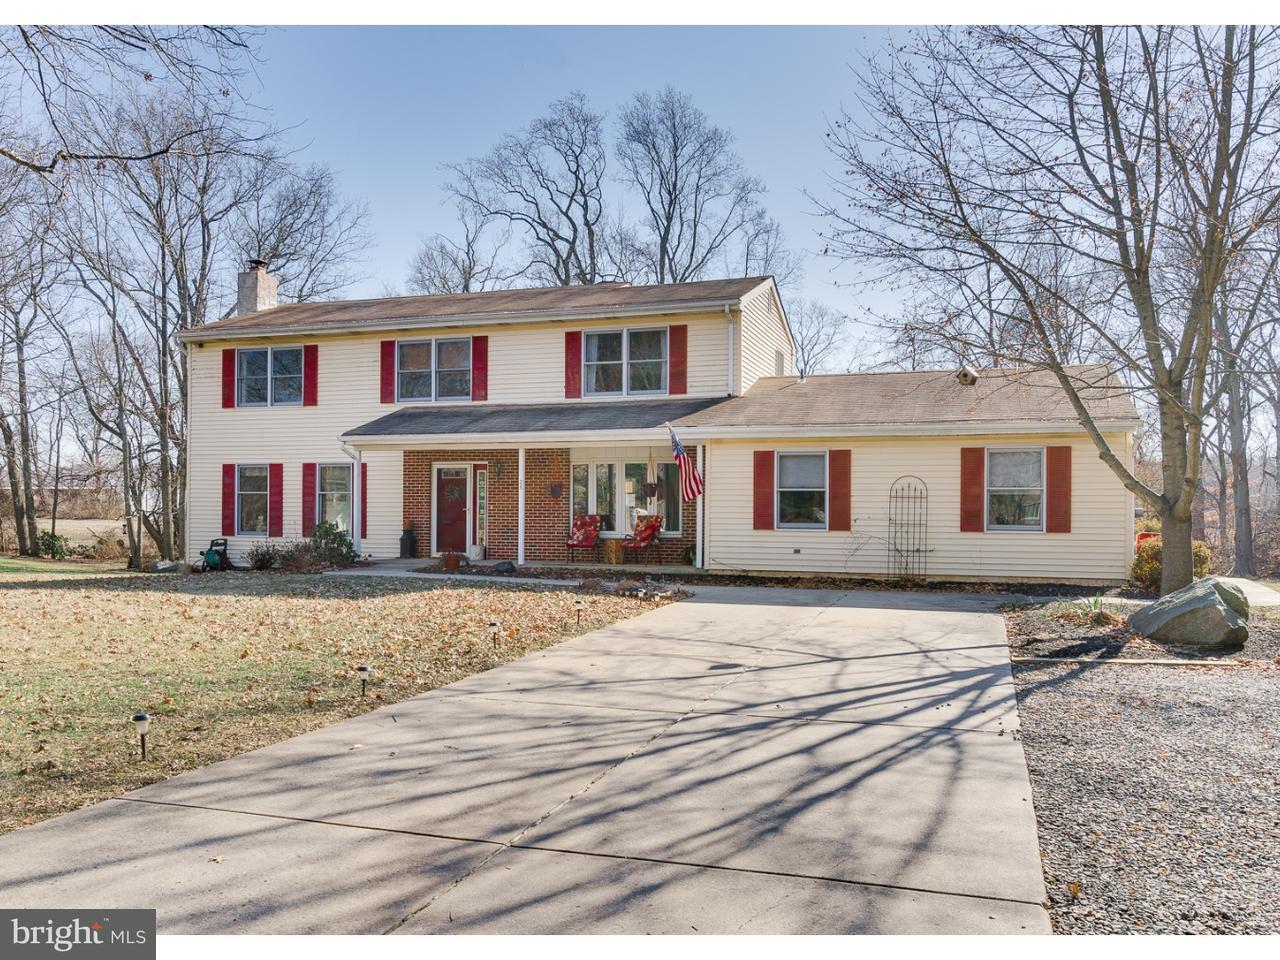 단독 가정 주택 용 매매 에 26 CROMWELL Drive Chesterfield, 뉴저지 08515 미국에서/약: Chesterfield Township